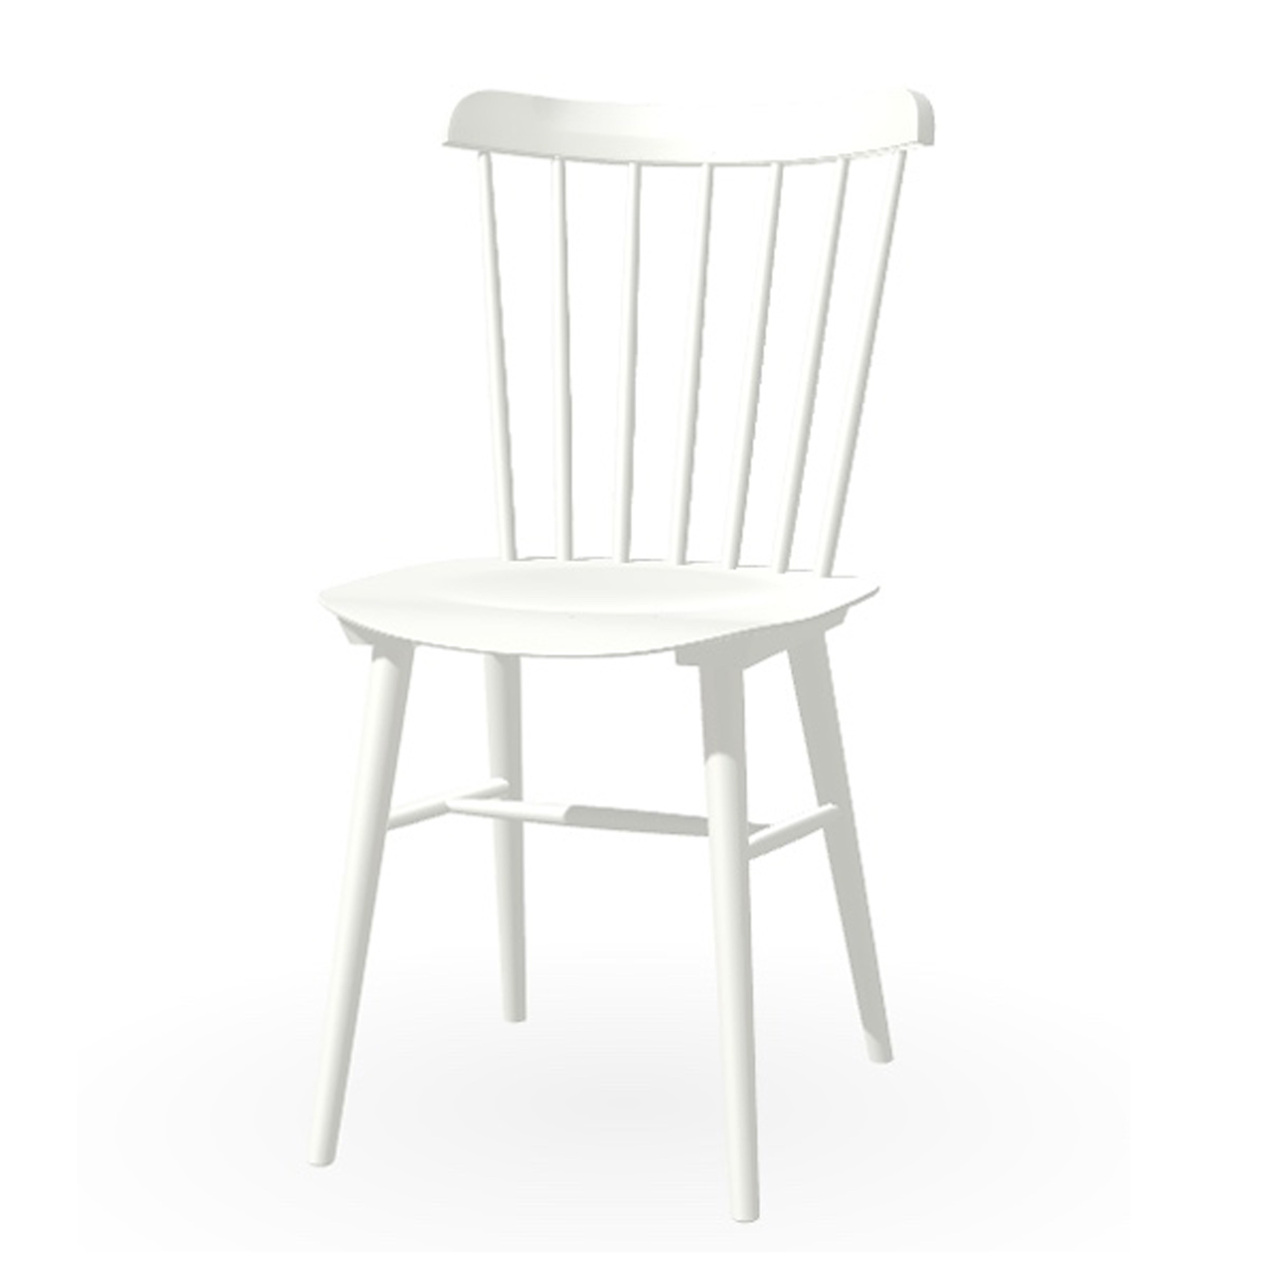 Ton Stuhl im Retro-Stil für den Esstisch  Eiche Pigmentiert Weiss (B 20),  Helle Kunststoffgleiter